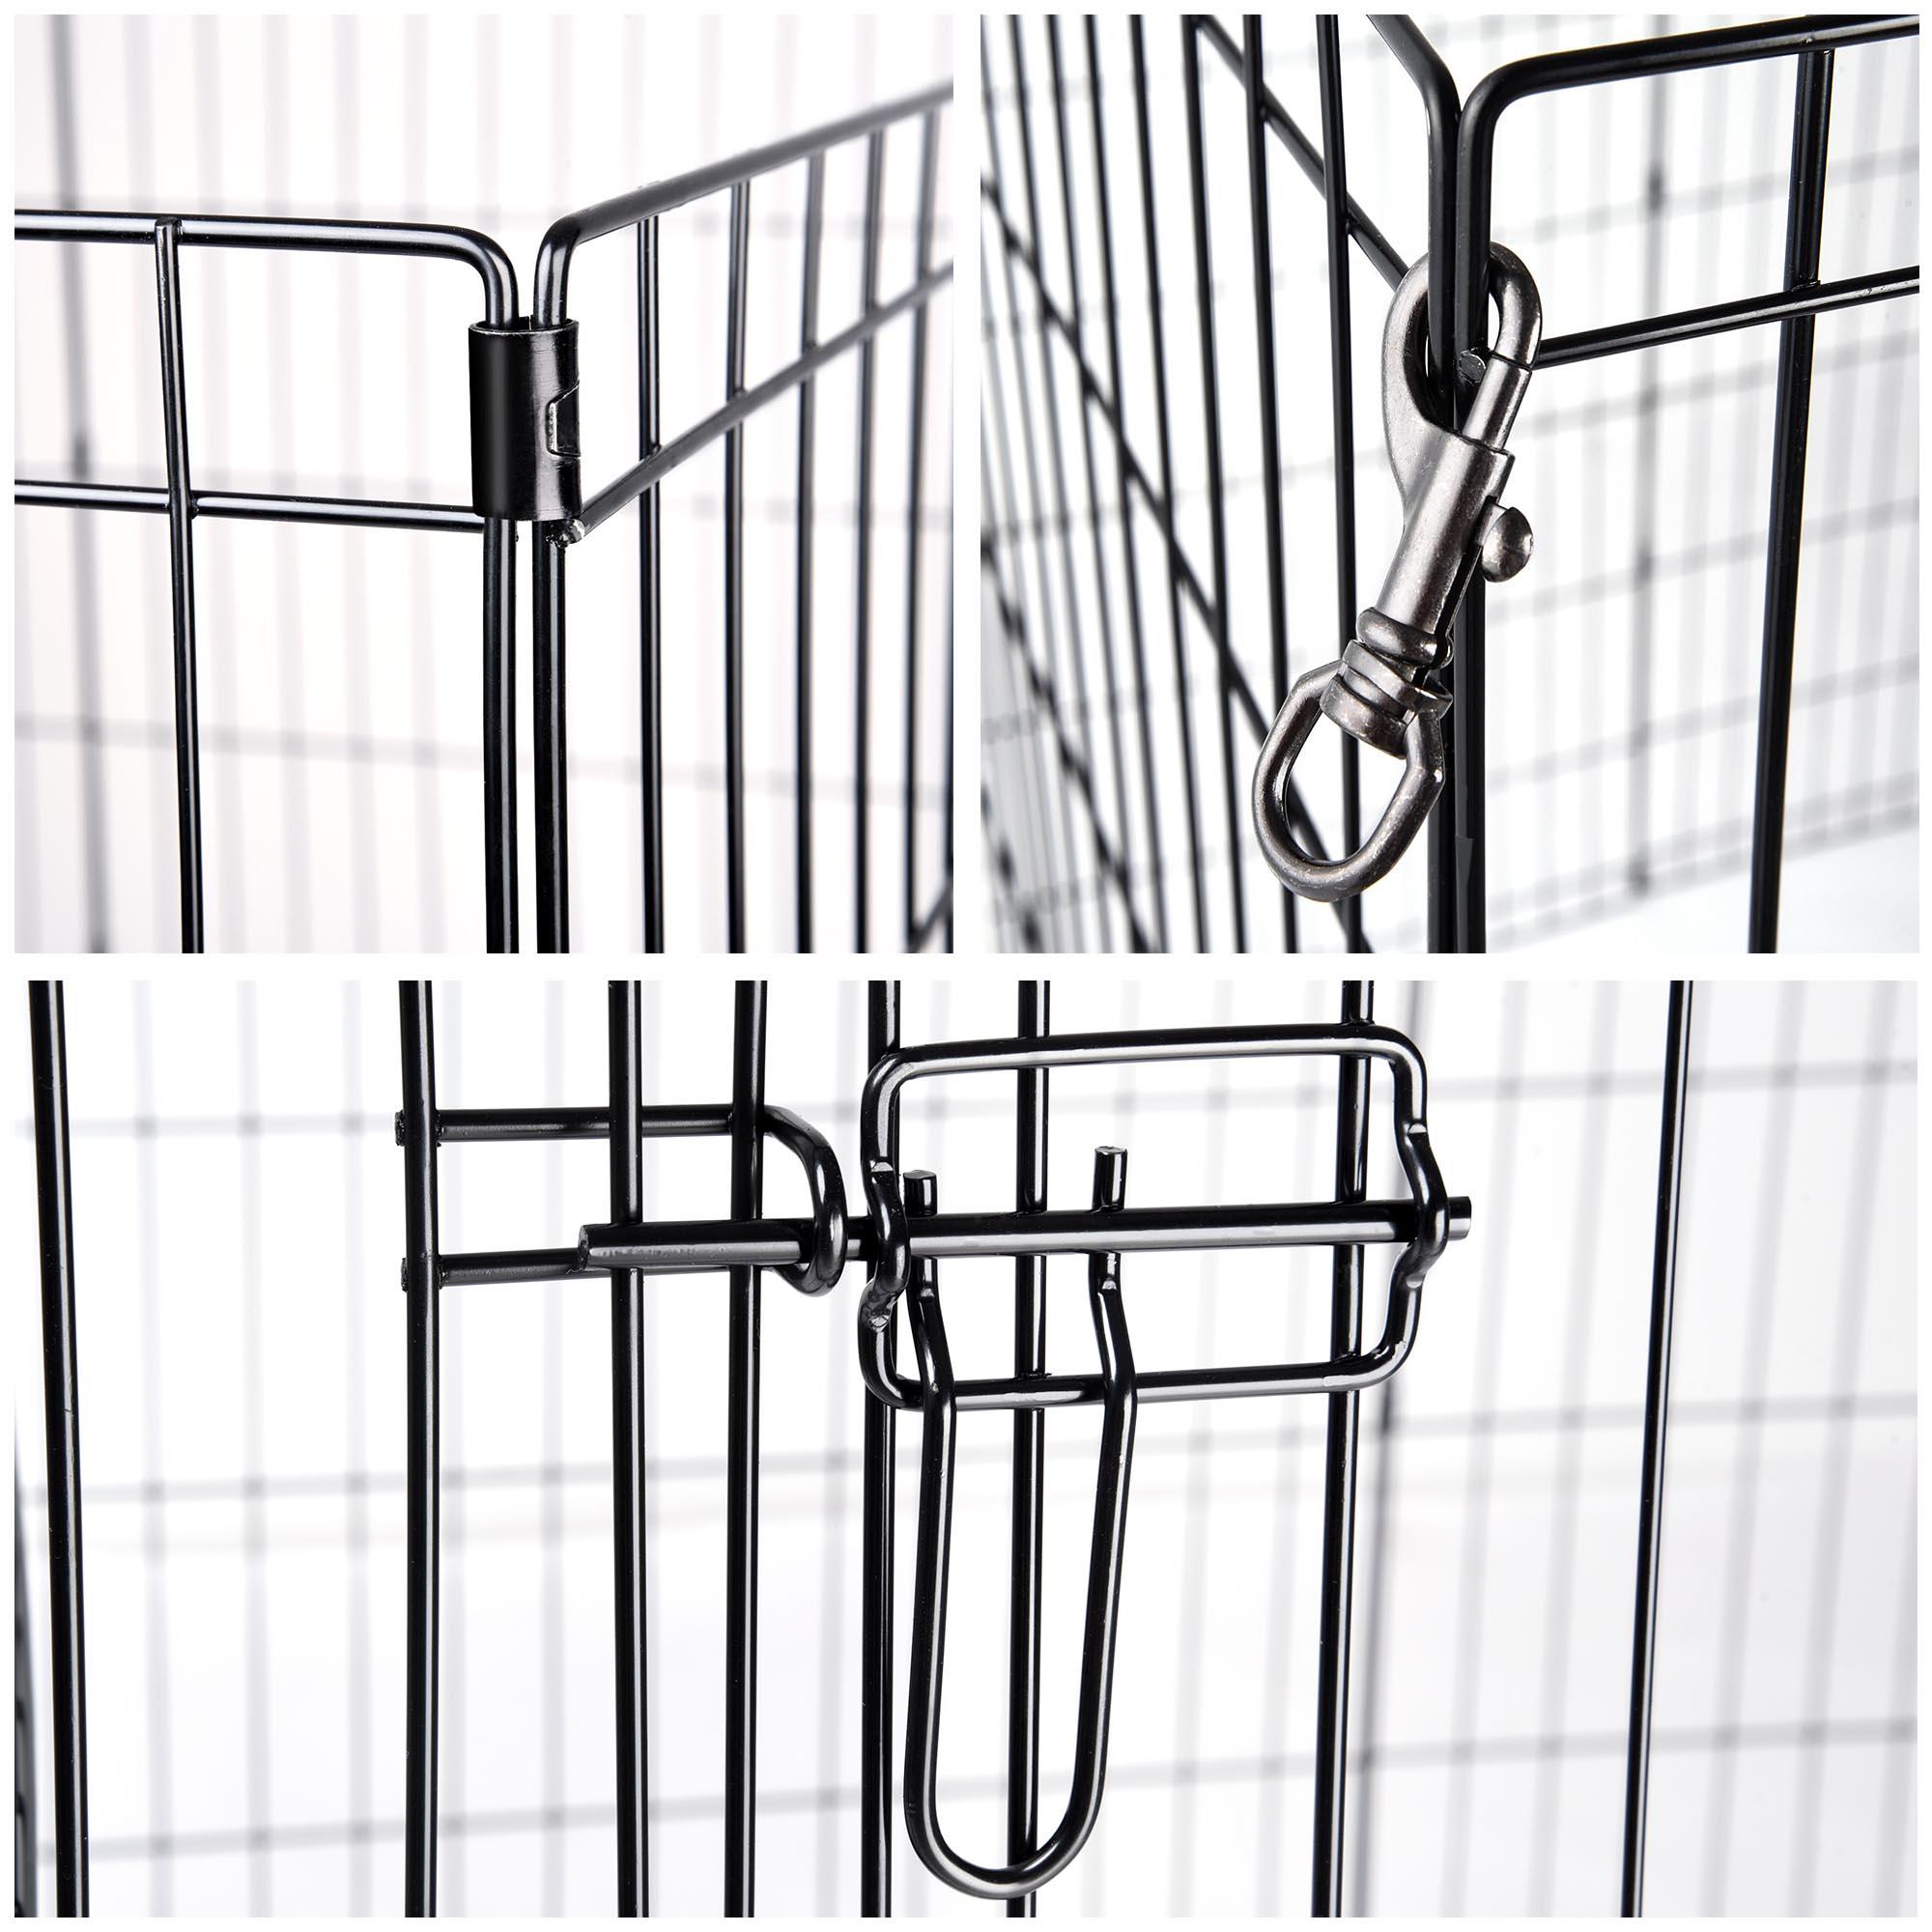 30 Pet Dog Playpen Exercise Fence Cage Kennel W Door 8 Panel Outdoor Indoor